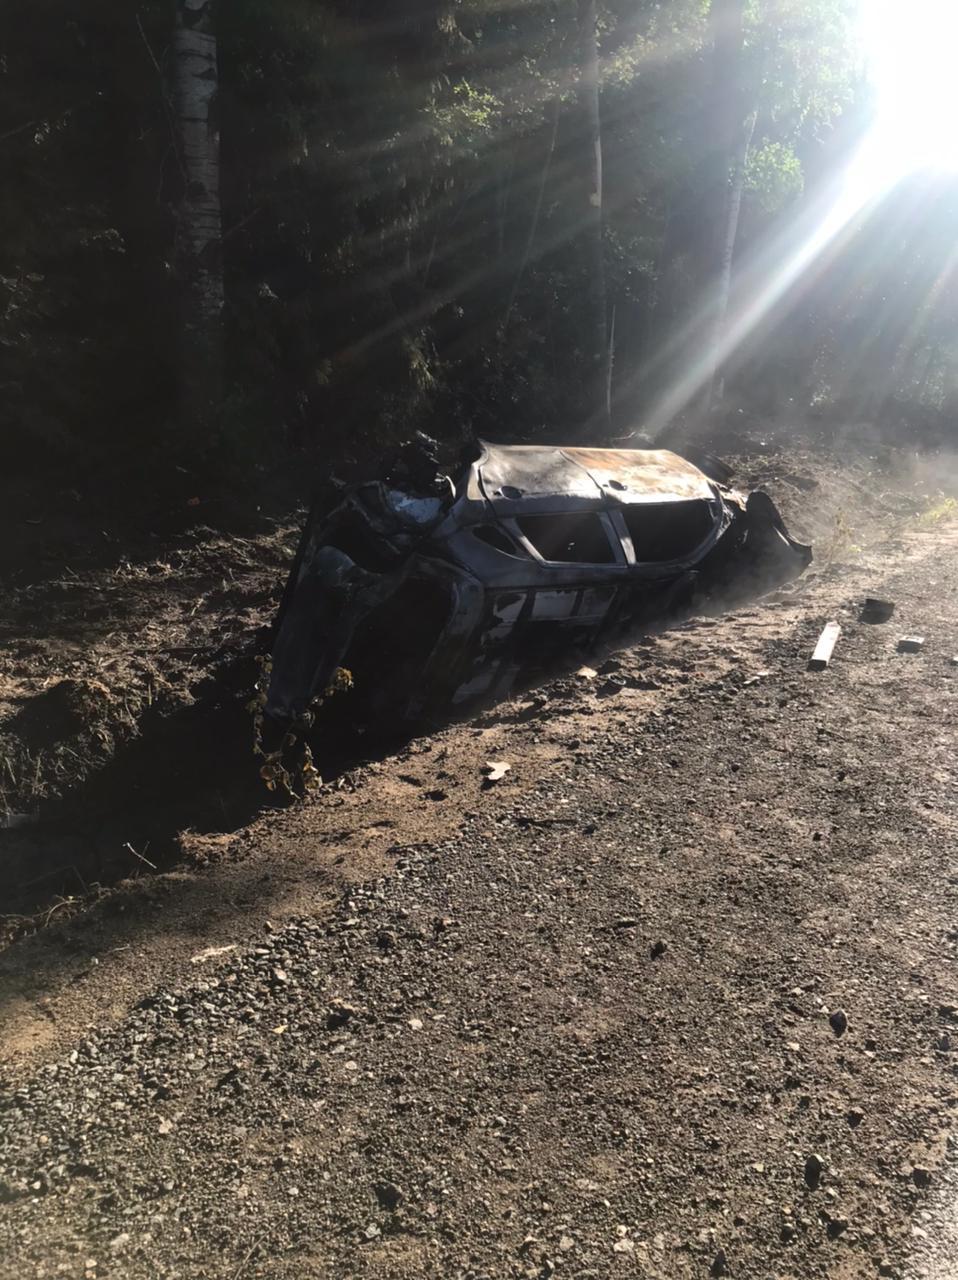 Под Вологдой машина съехала в кювет и загорелась, погиб водитель